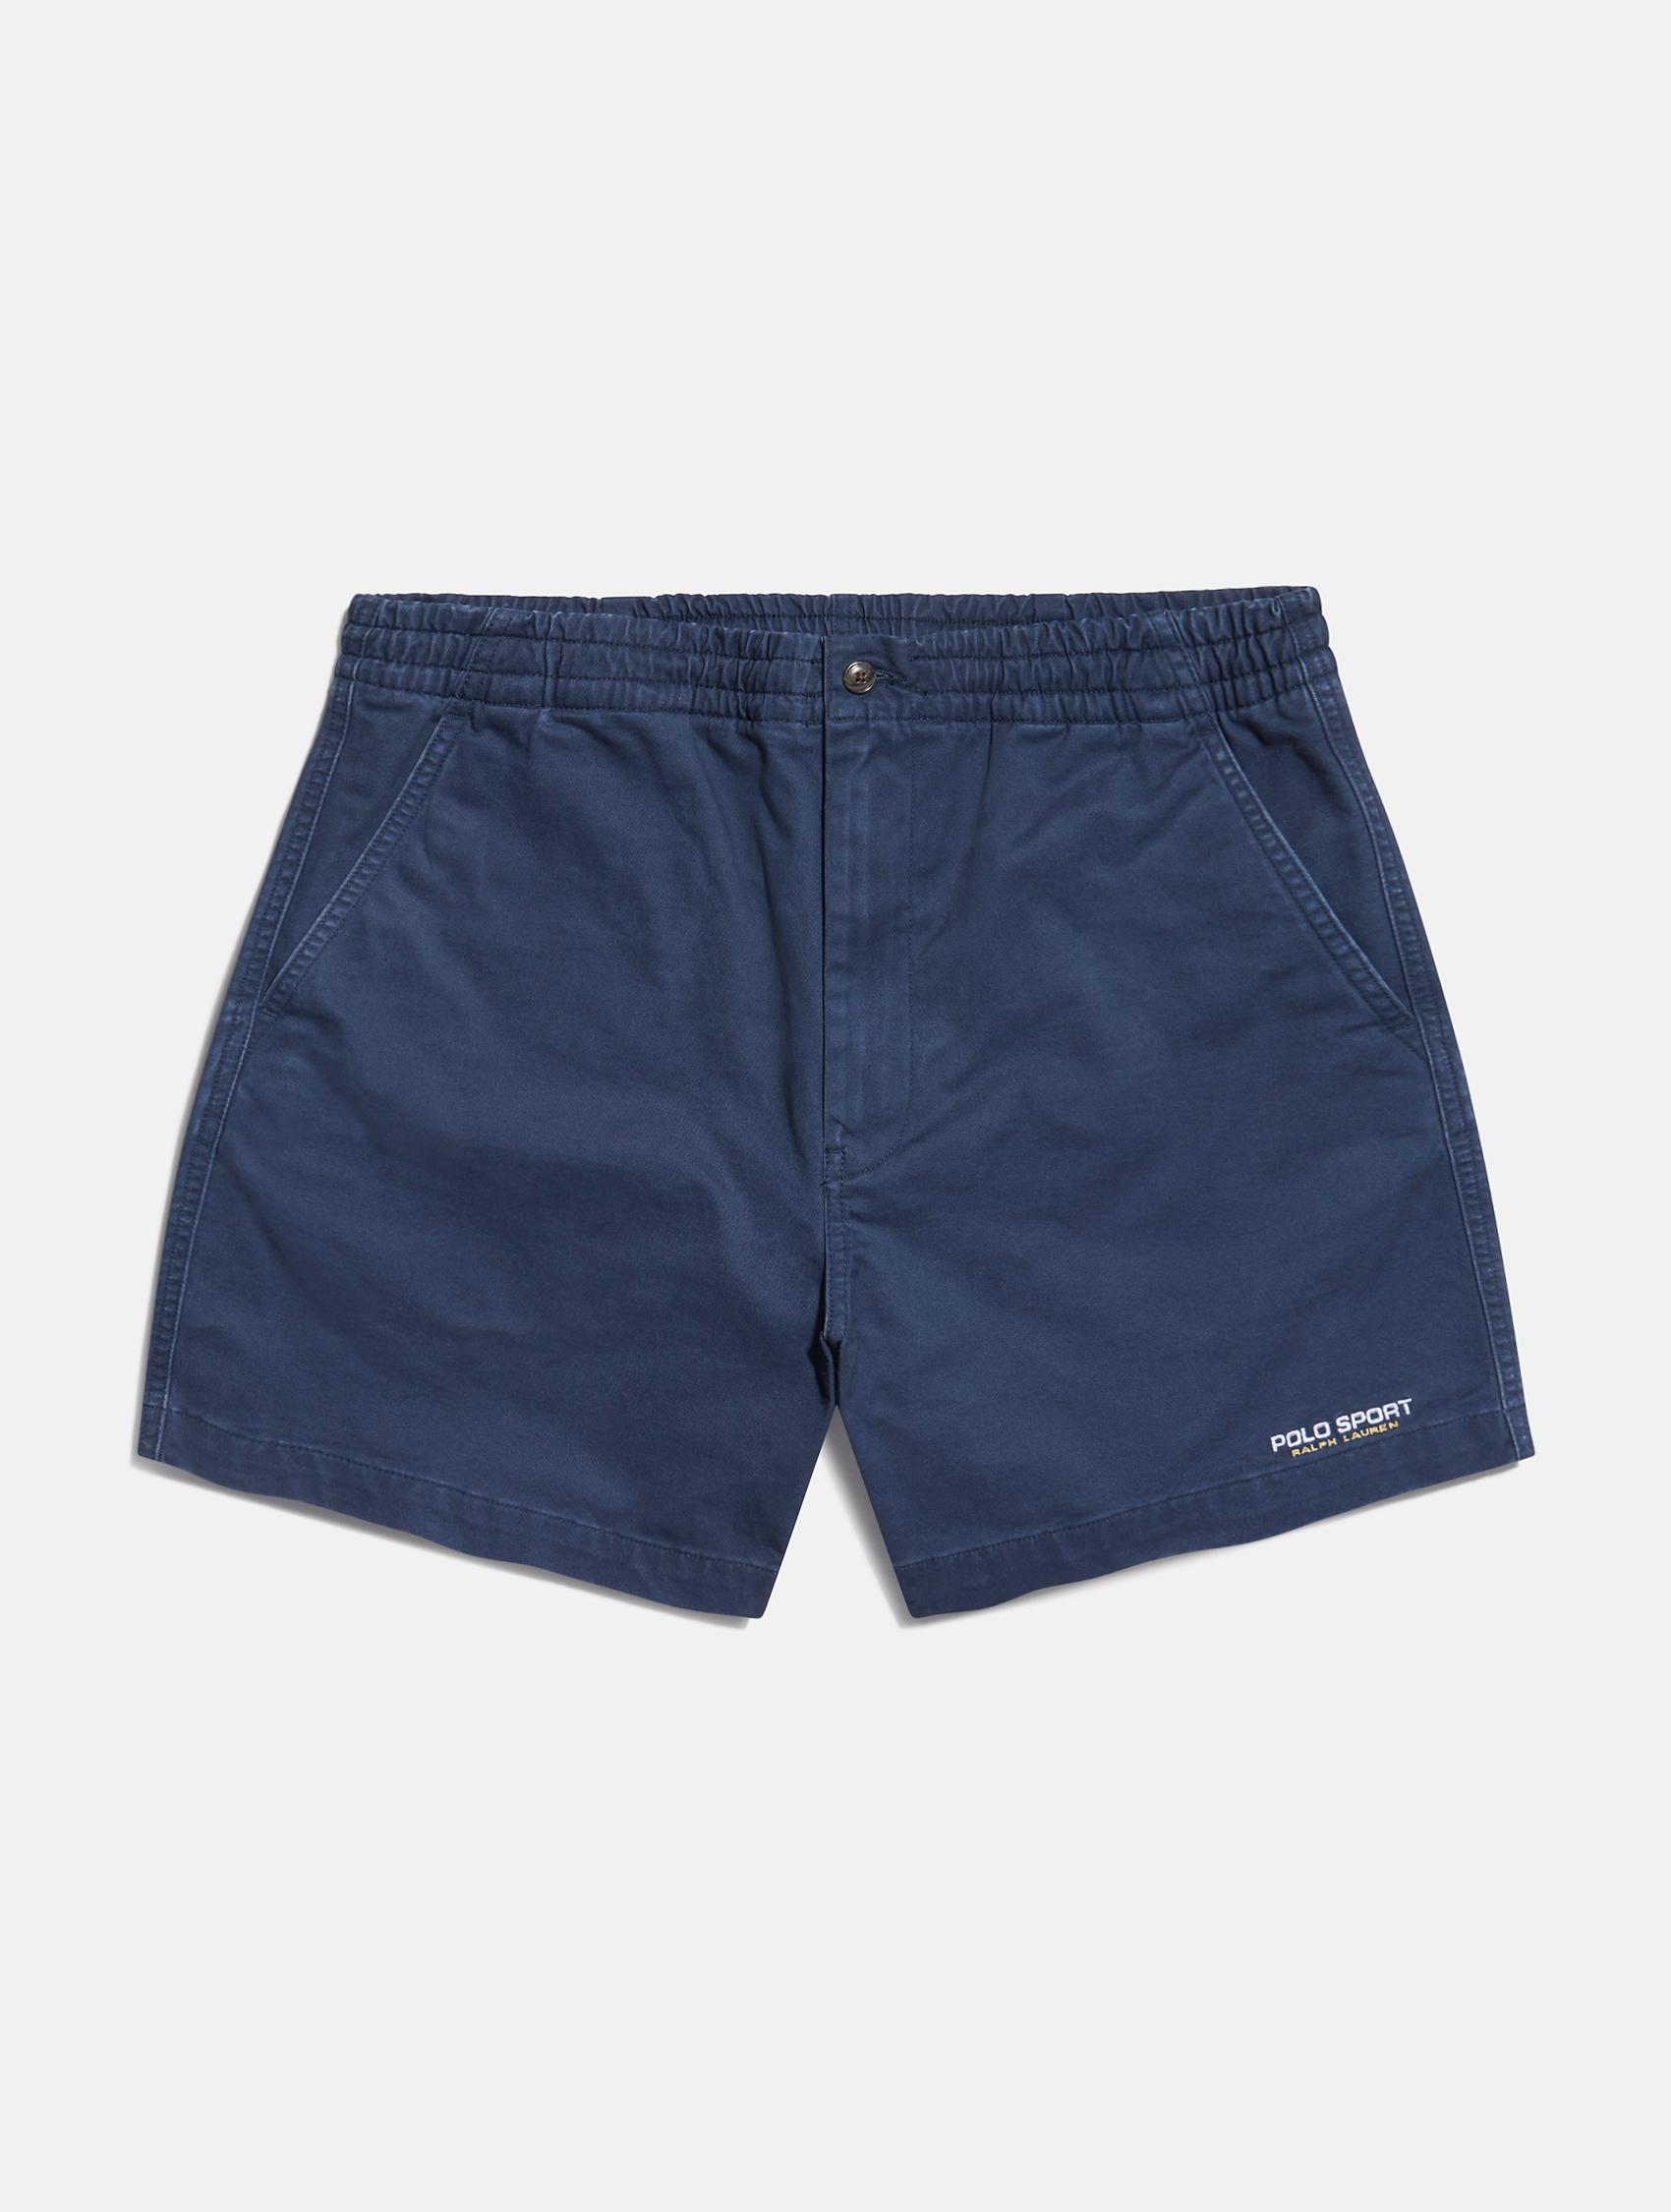 Ralph Loren shorts in dark blue